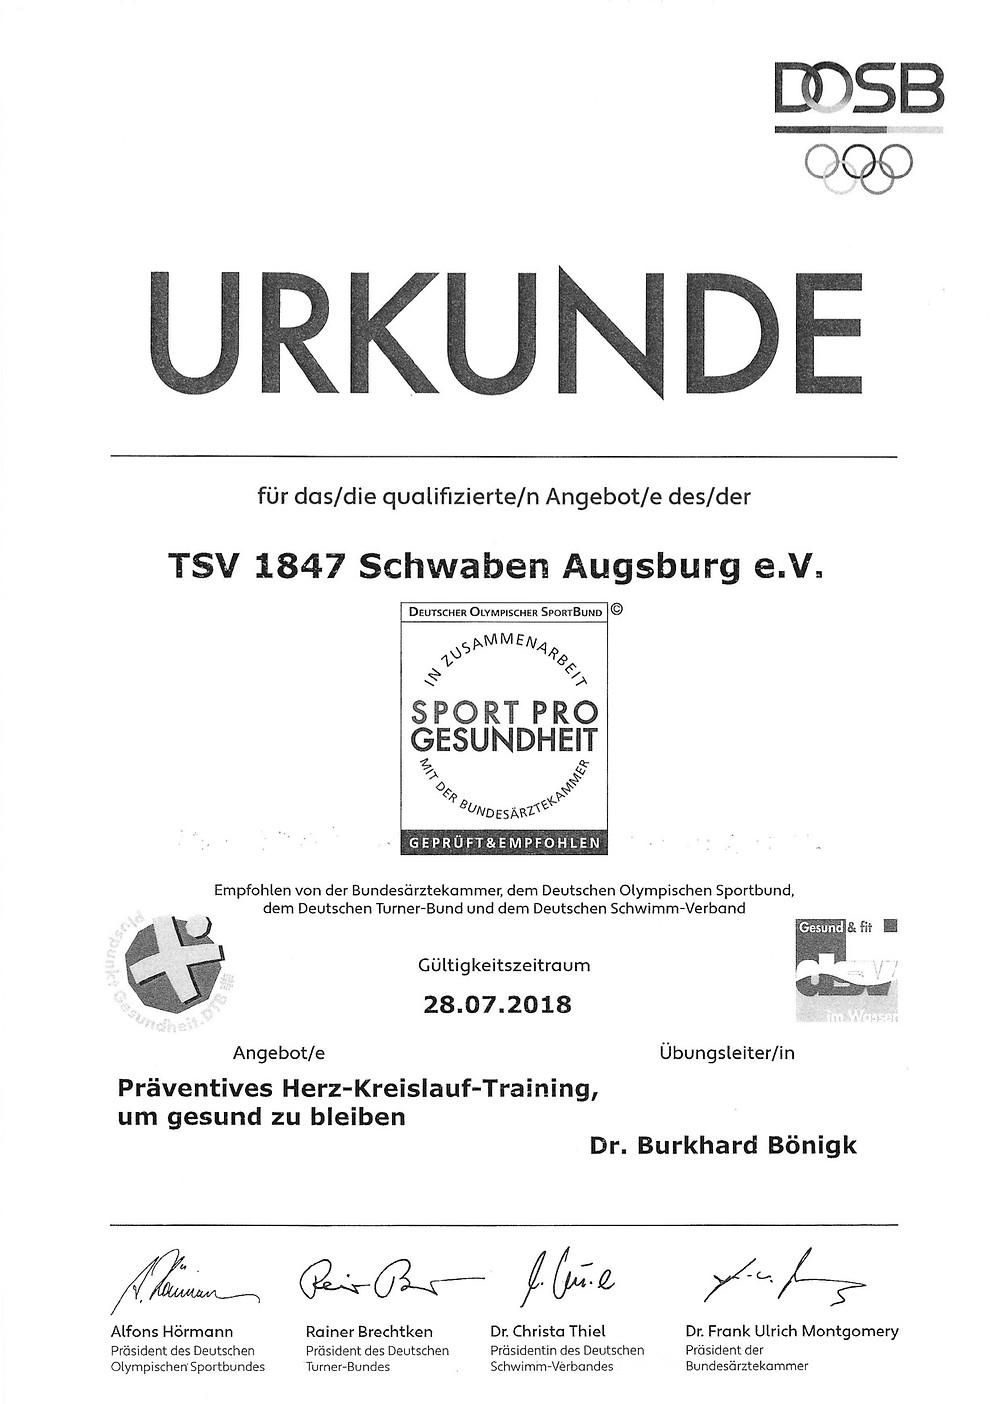 Laufinstinkt Schwaben Augsburg - Sport Pro Gesundheit Urkunde 1